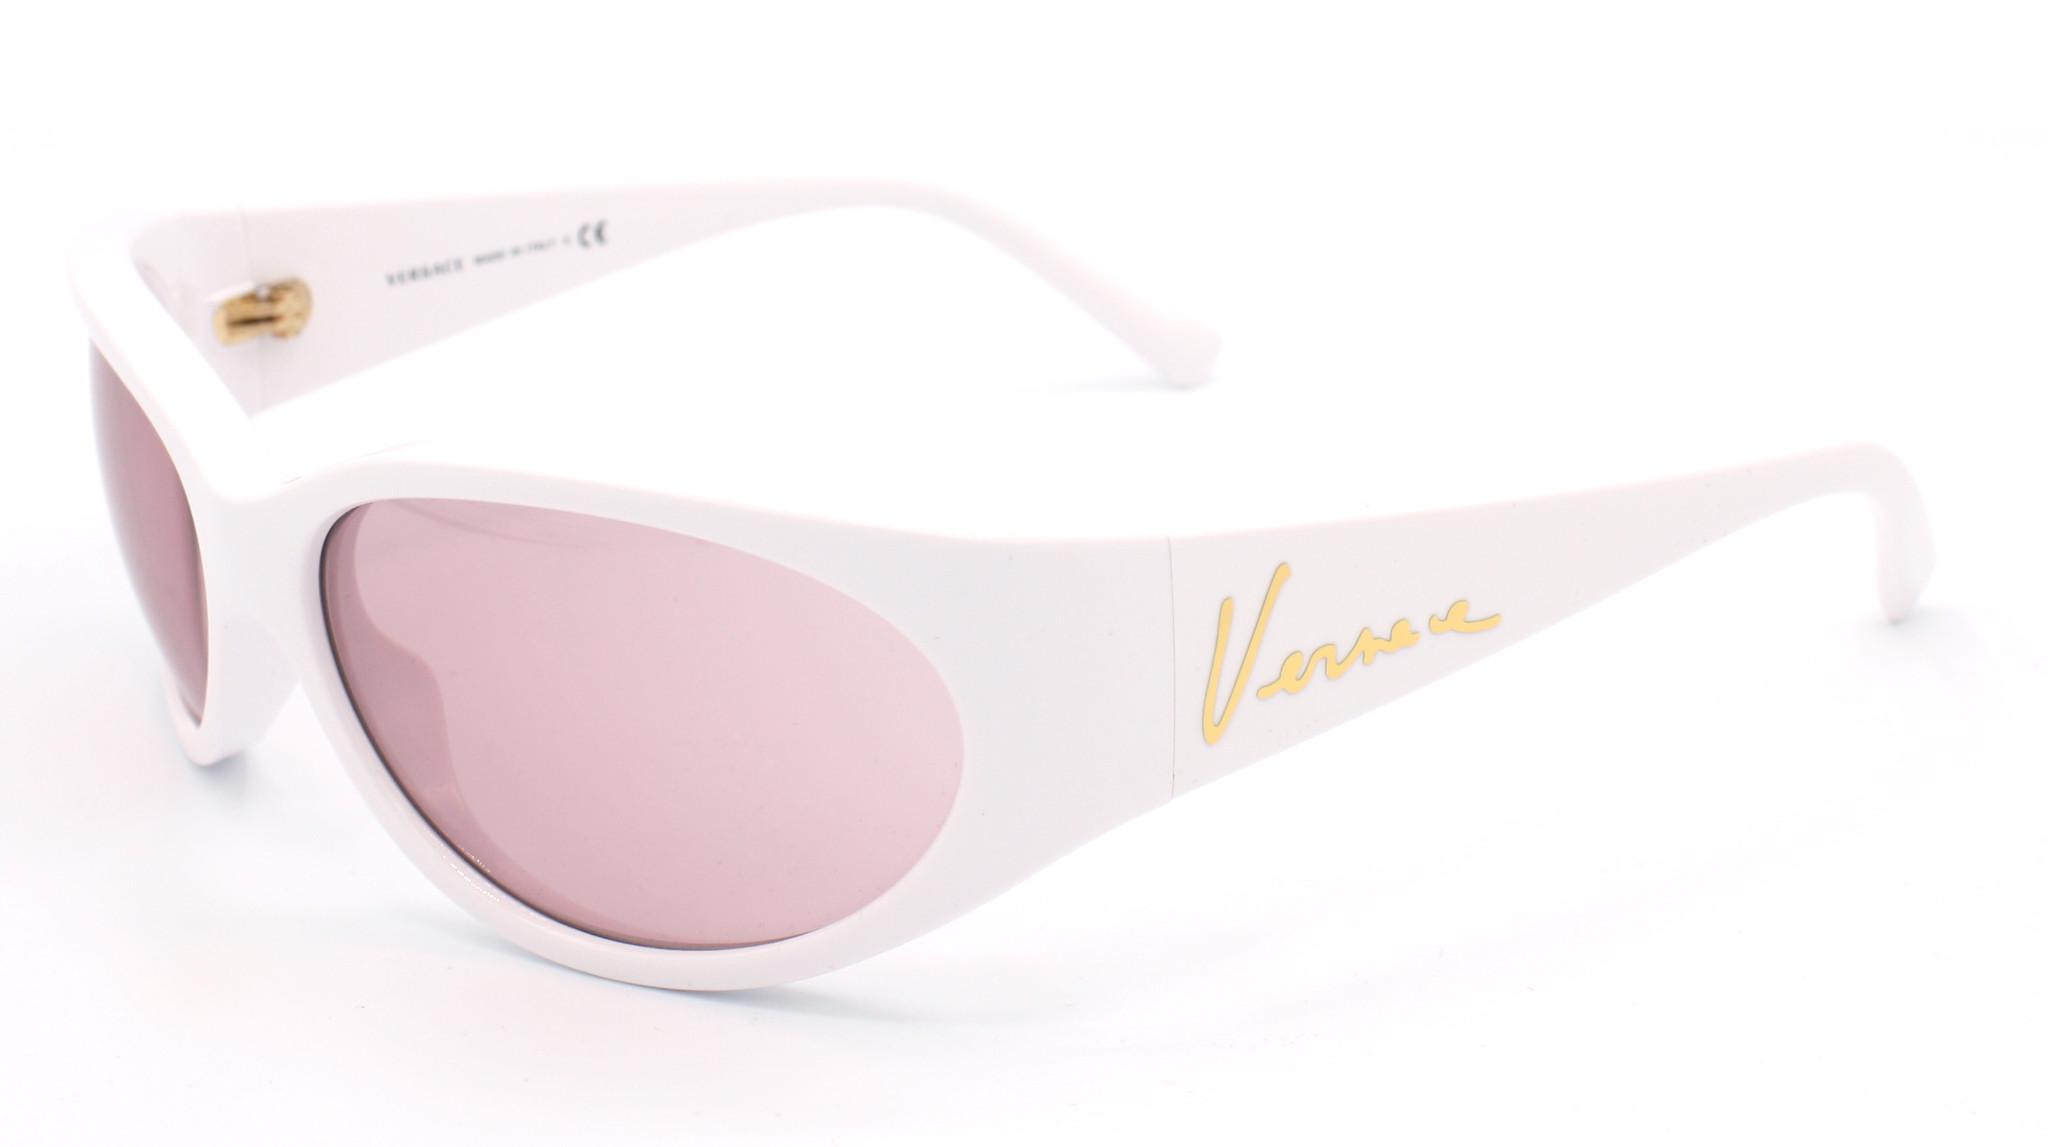 Versace - VE4386 - 401/8462-2